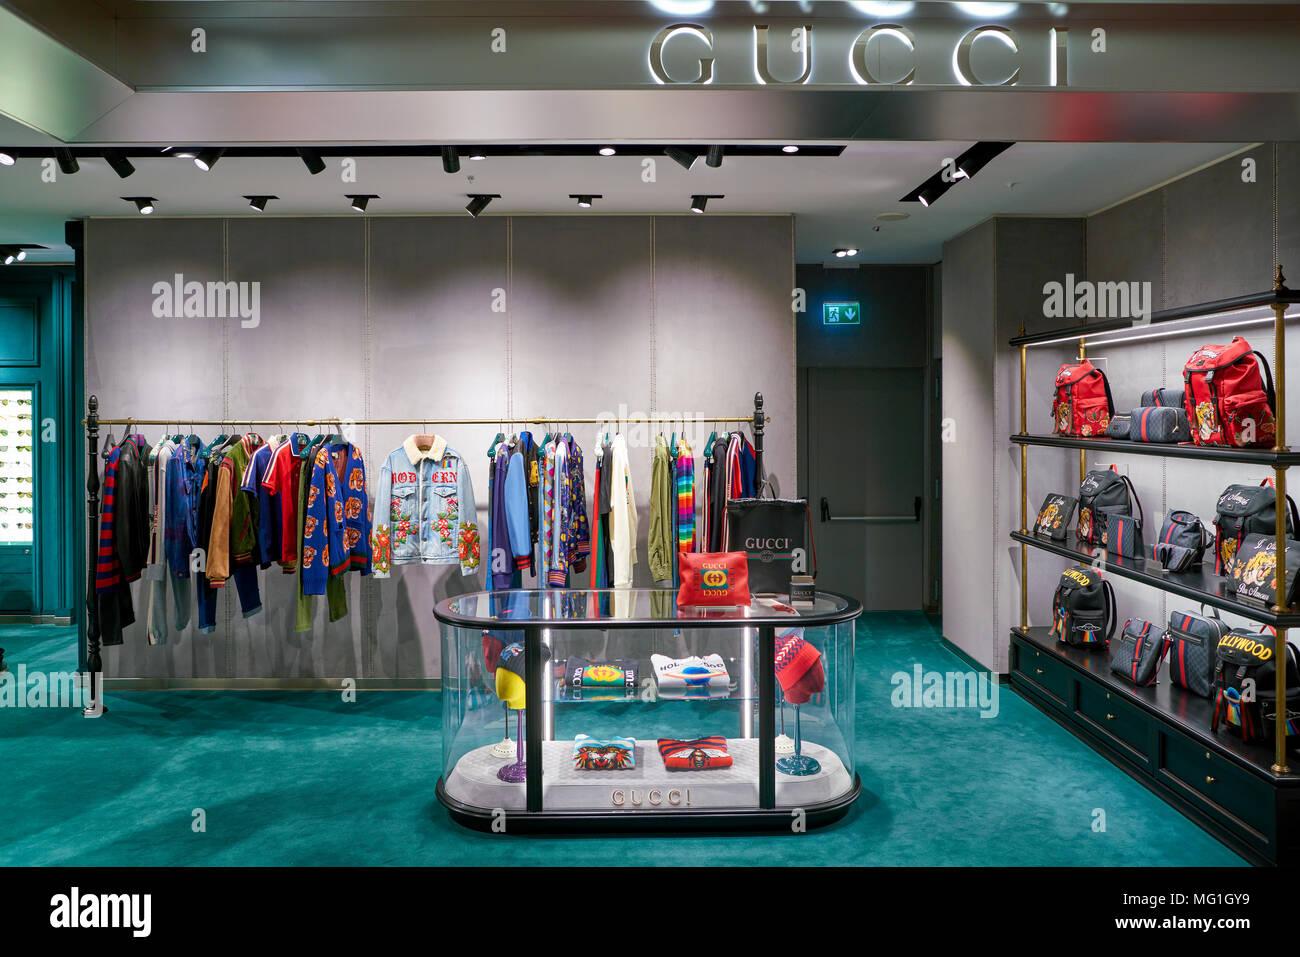 Gucci Shop Imágenes De Stock   Gucci Shop Fotos De Stock - Página 6 ... 7a5454a6c27